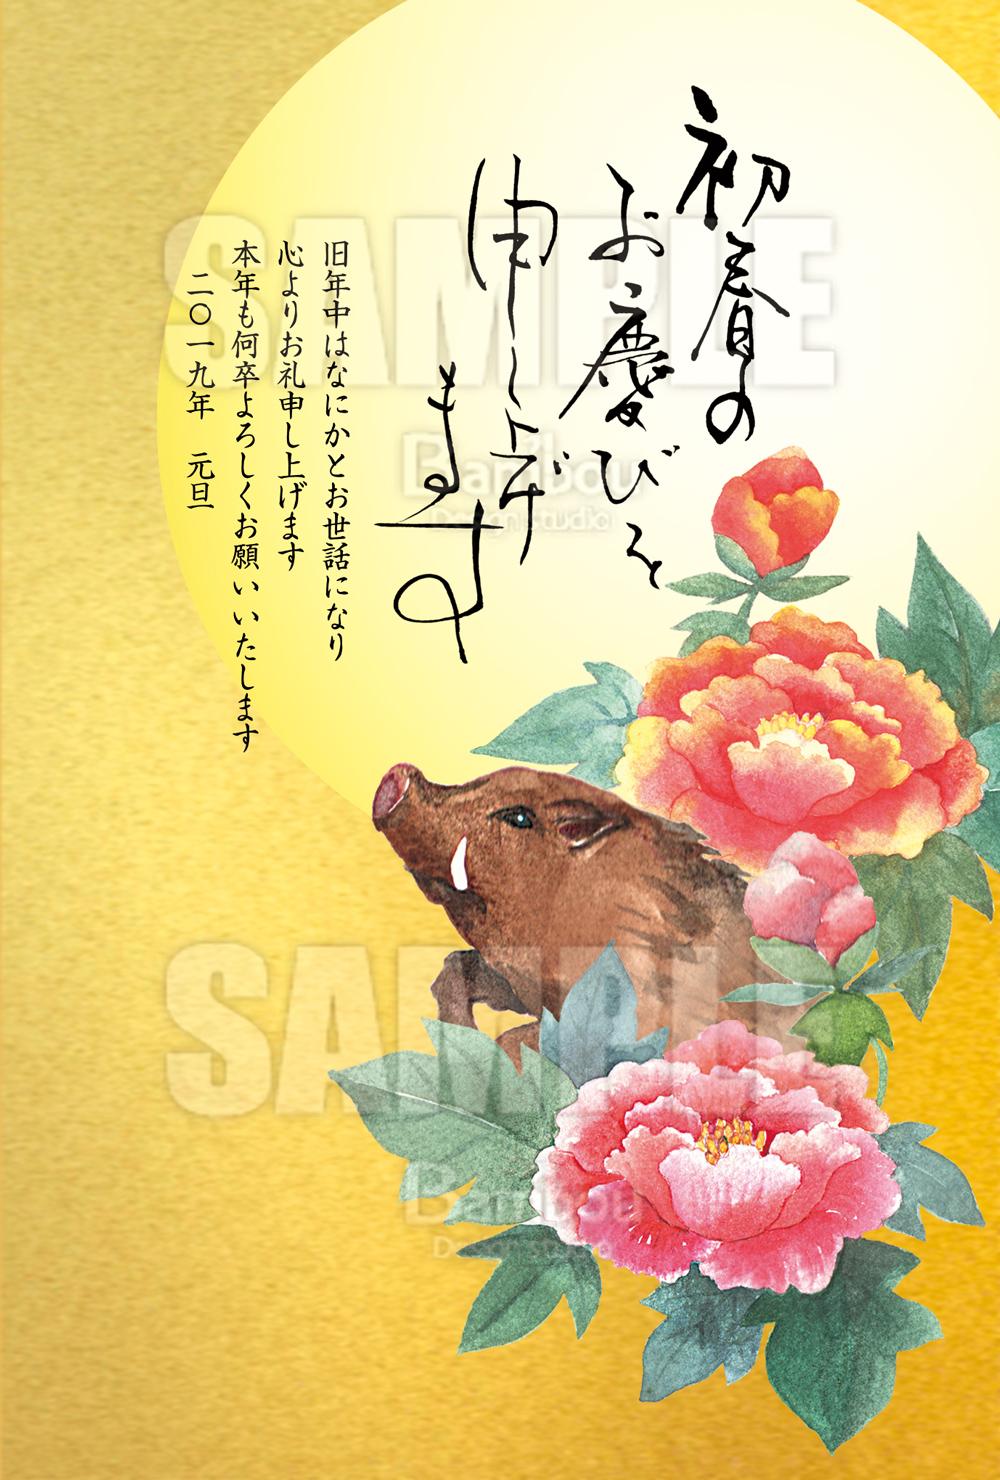 竹本明子_19 | Akiko Takemoto Illustration